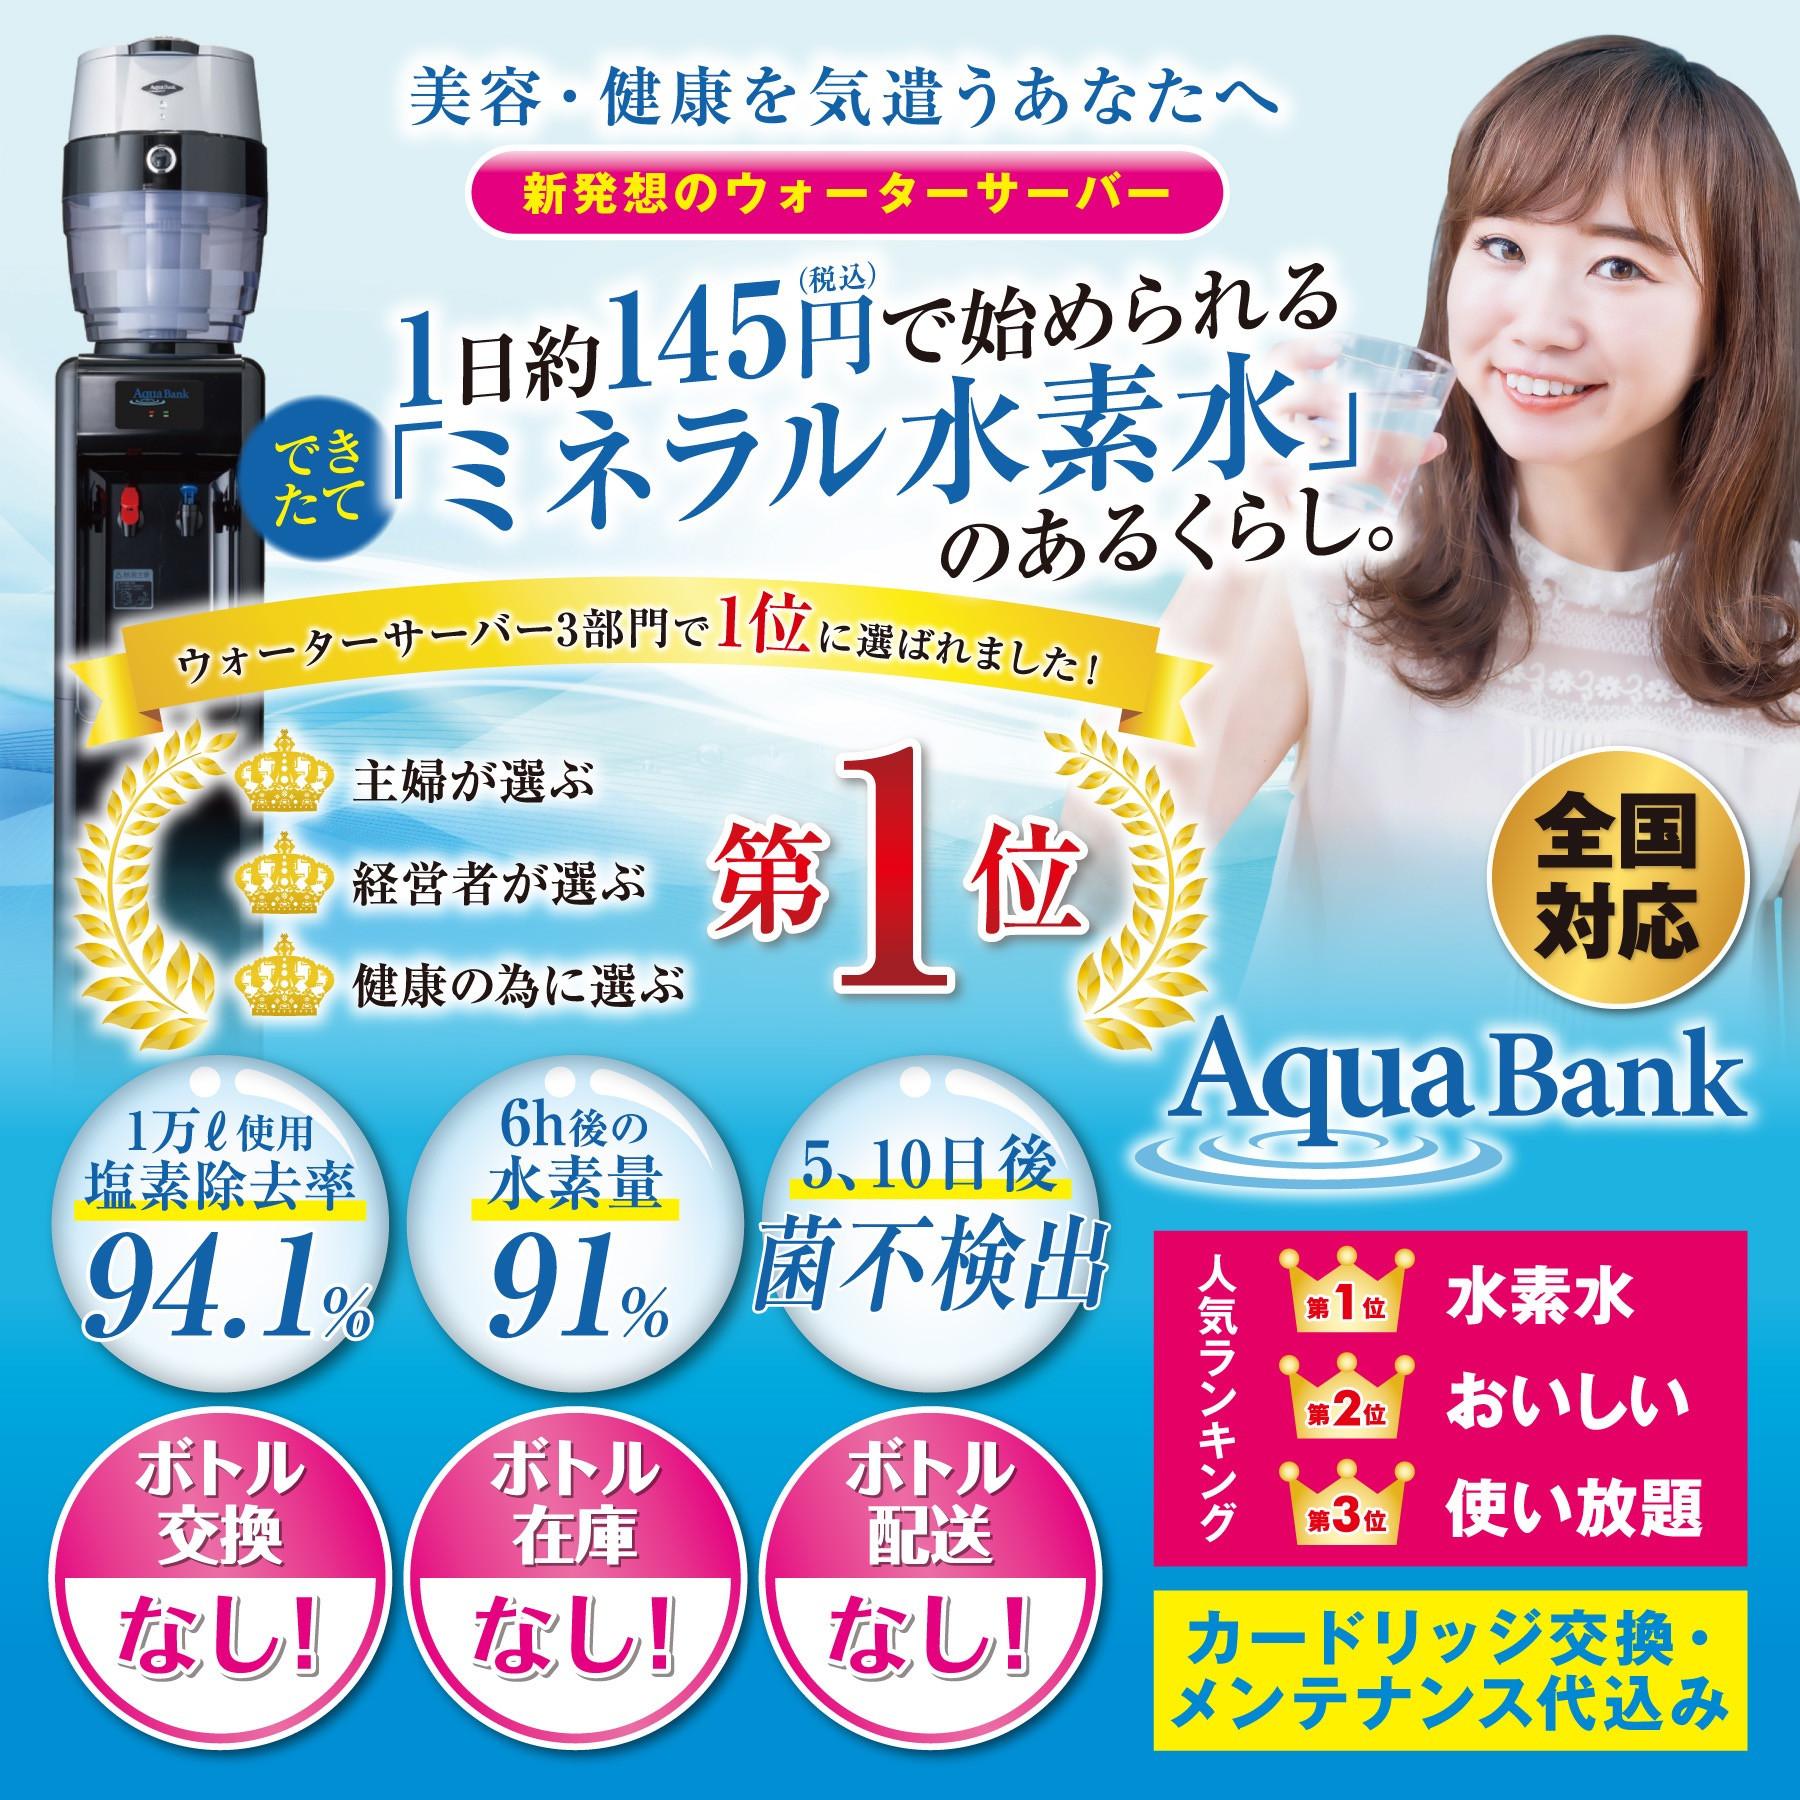 ミネラル水素水使い放題!月額4378円(税込)